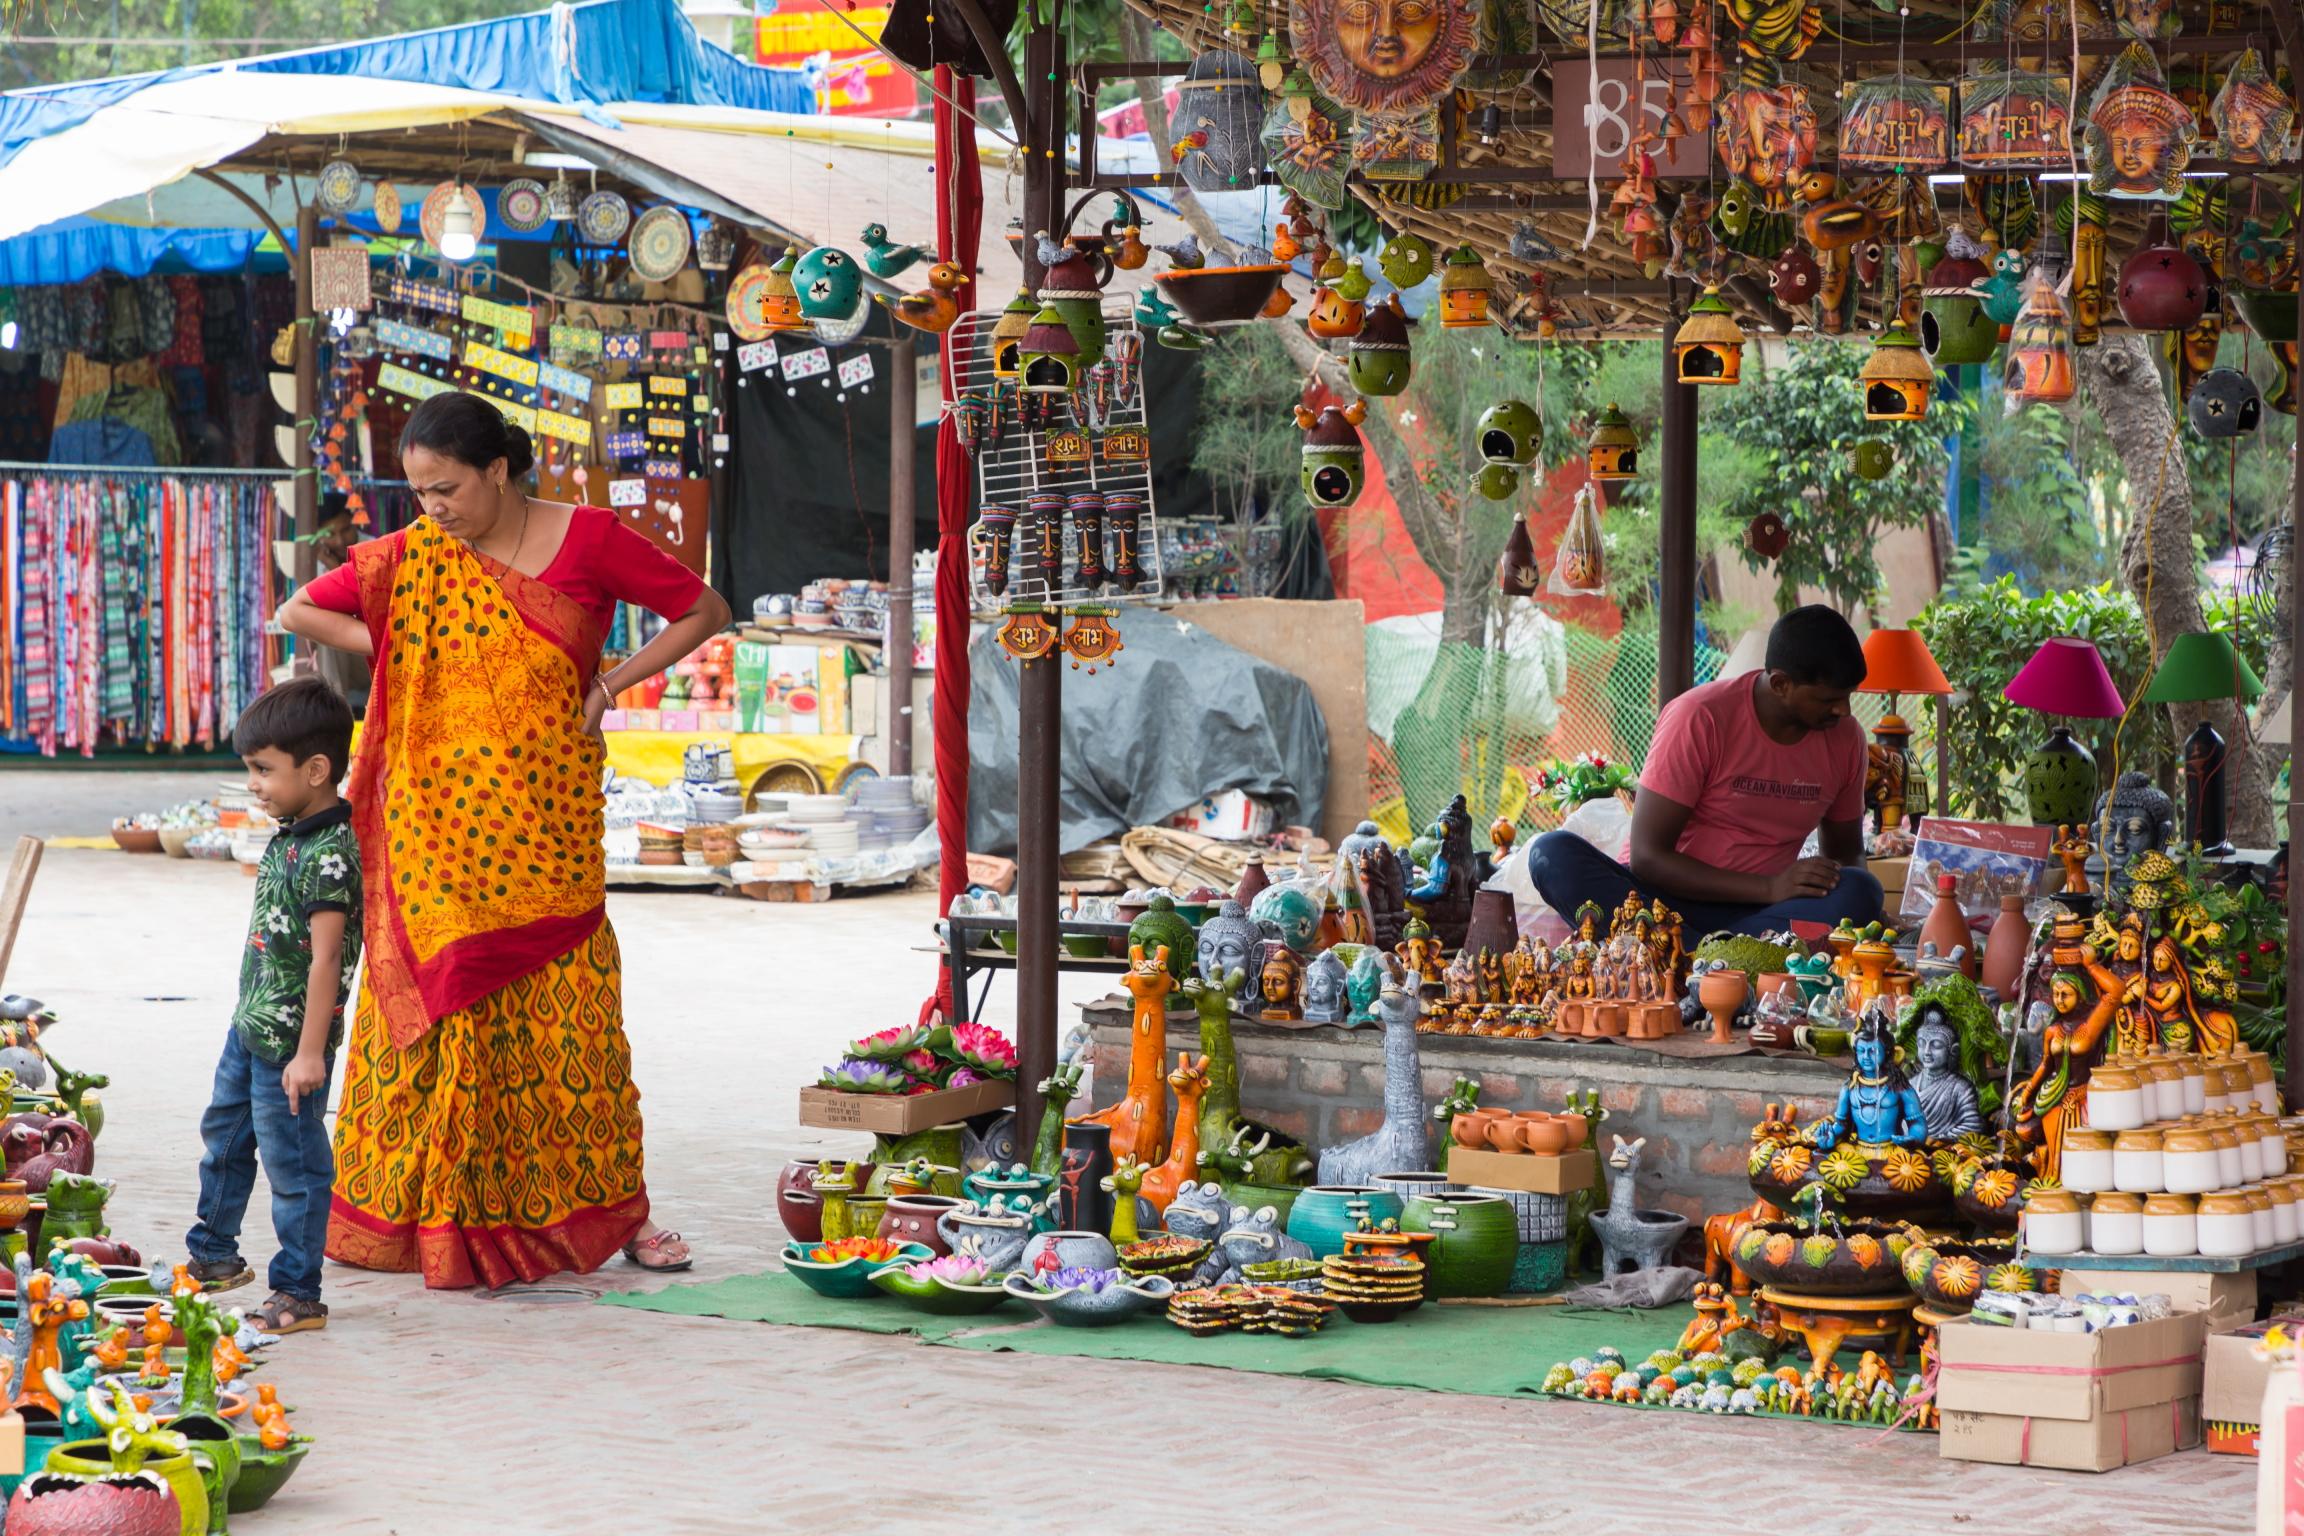 Celne w Indiach